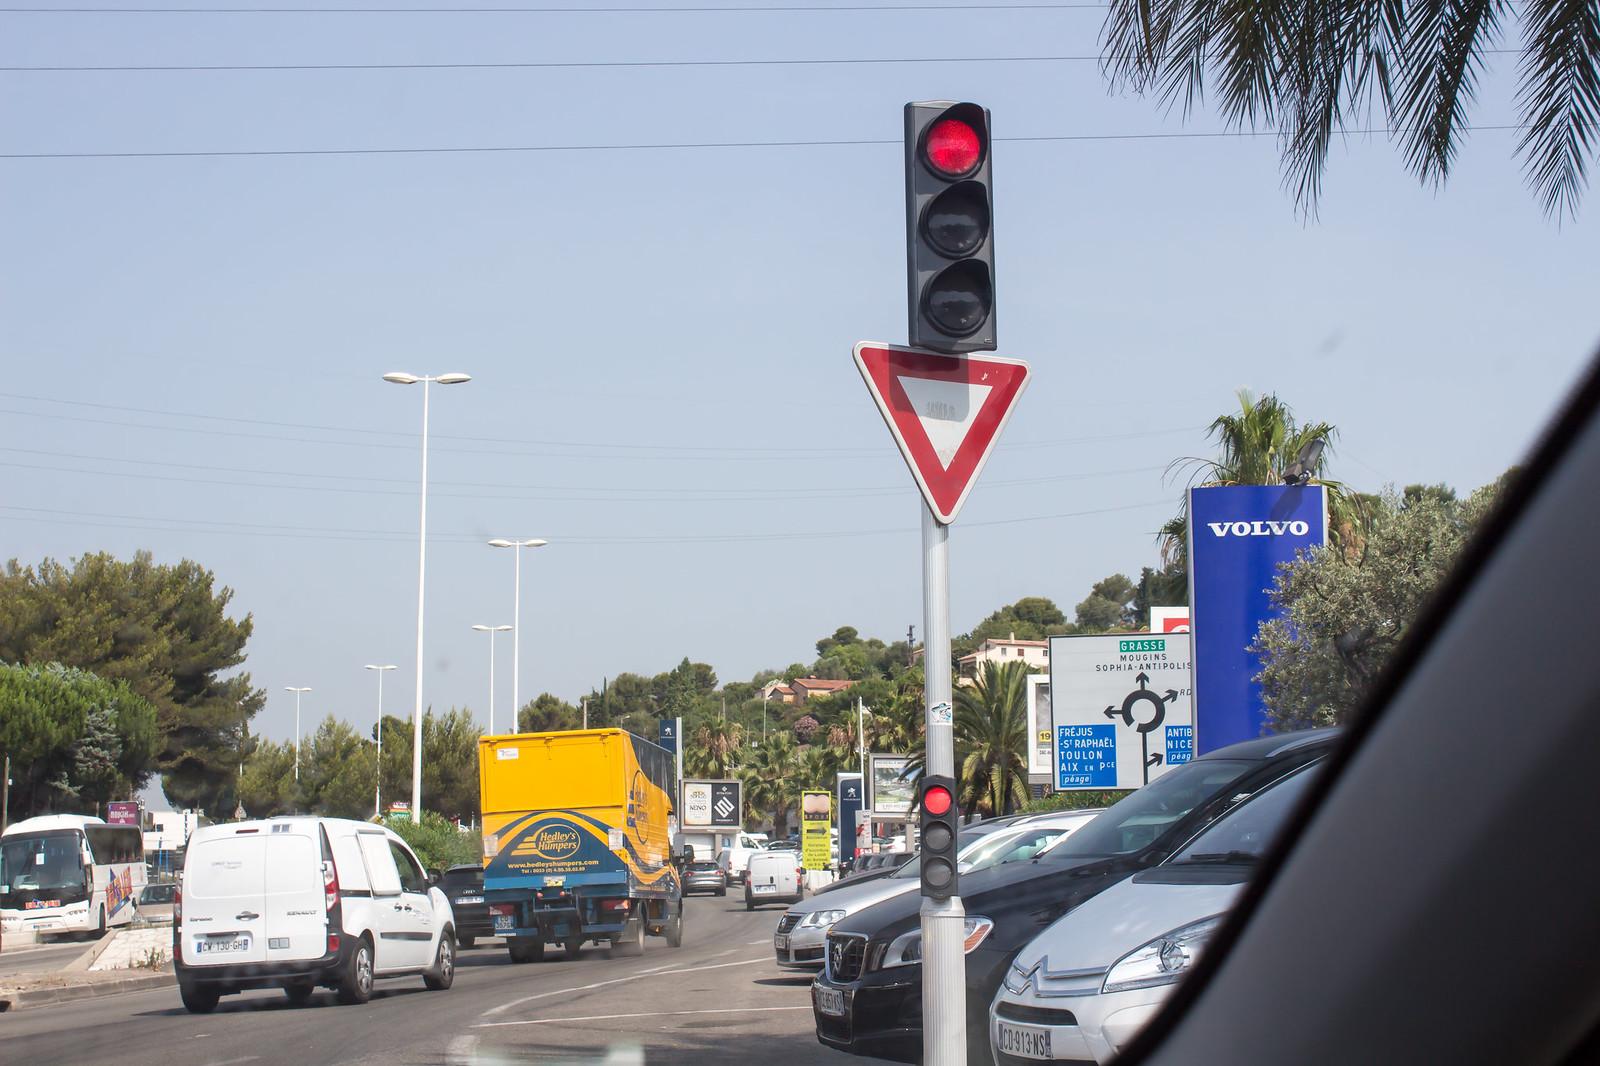 14. Но начнем более по порядку. Это был наш первый французский город, и сразу нам бросились в глаза эти маленькие светофоры. Стоя на первом ряду, они очень сильно выручают: